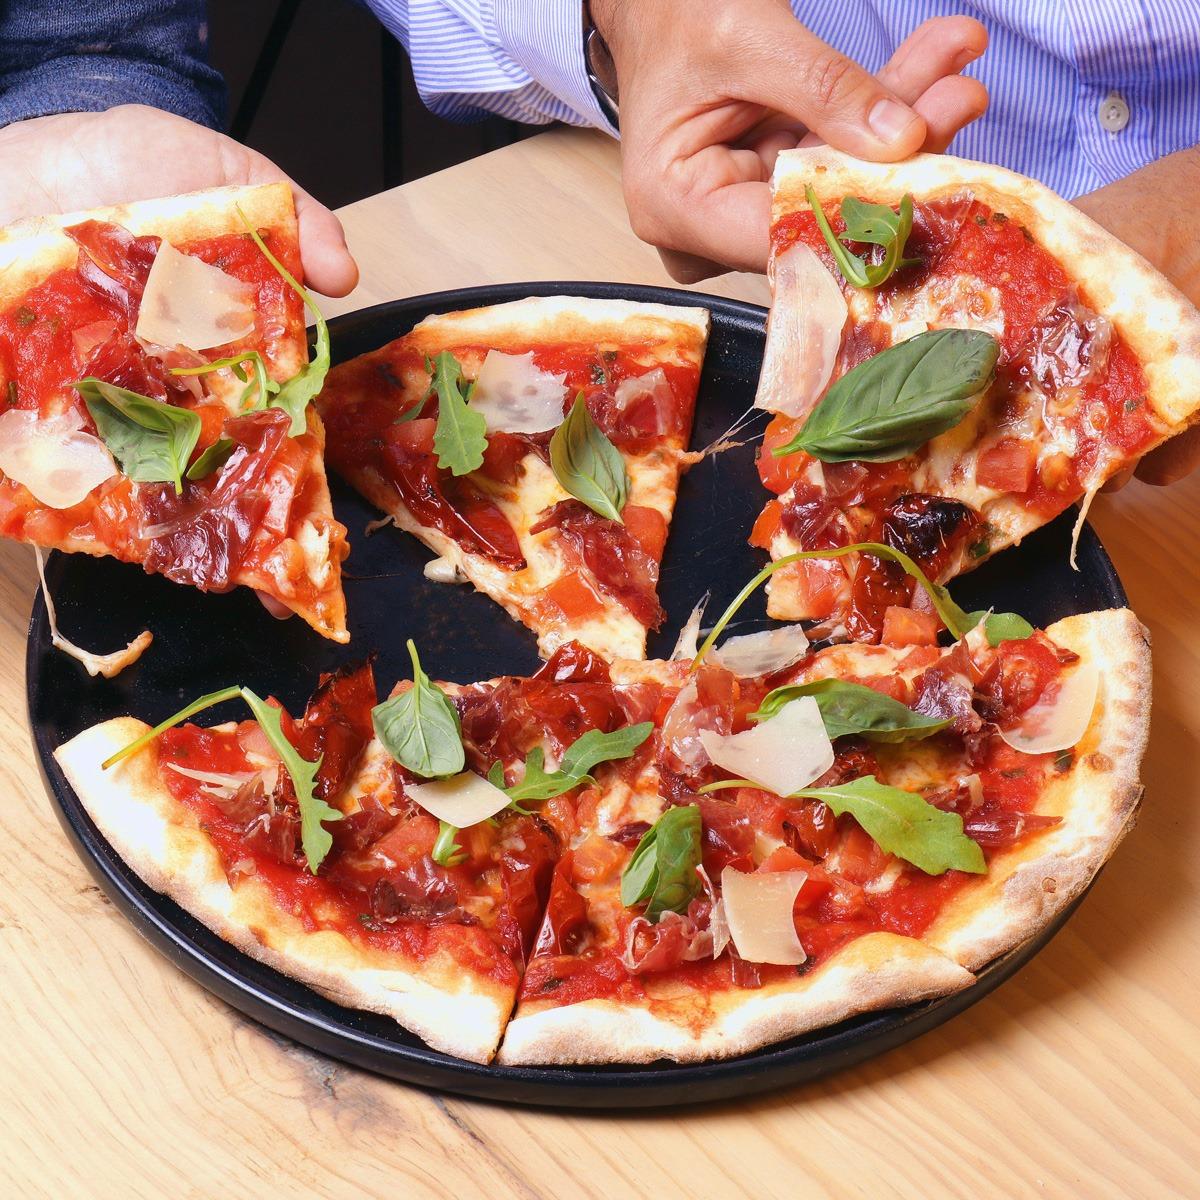 PIZZA DELICIOSA JAMÓN IBÉRICO - Tres platos irresistibles para los amantes del jamón